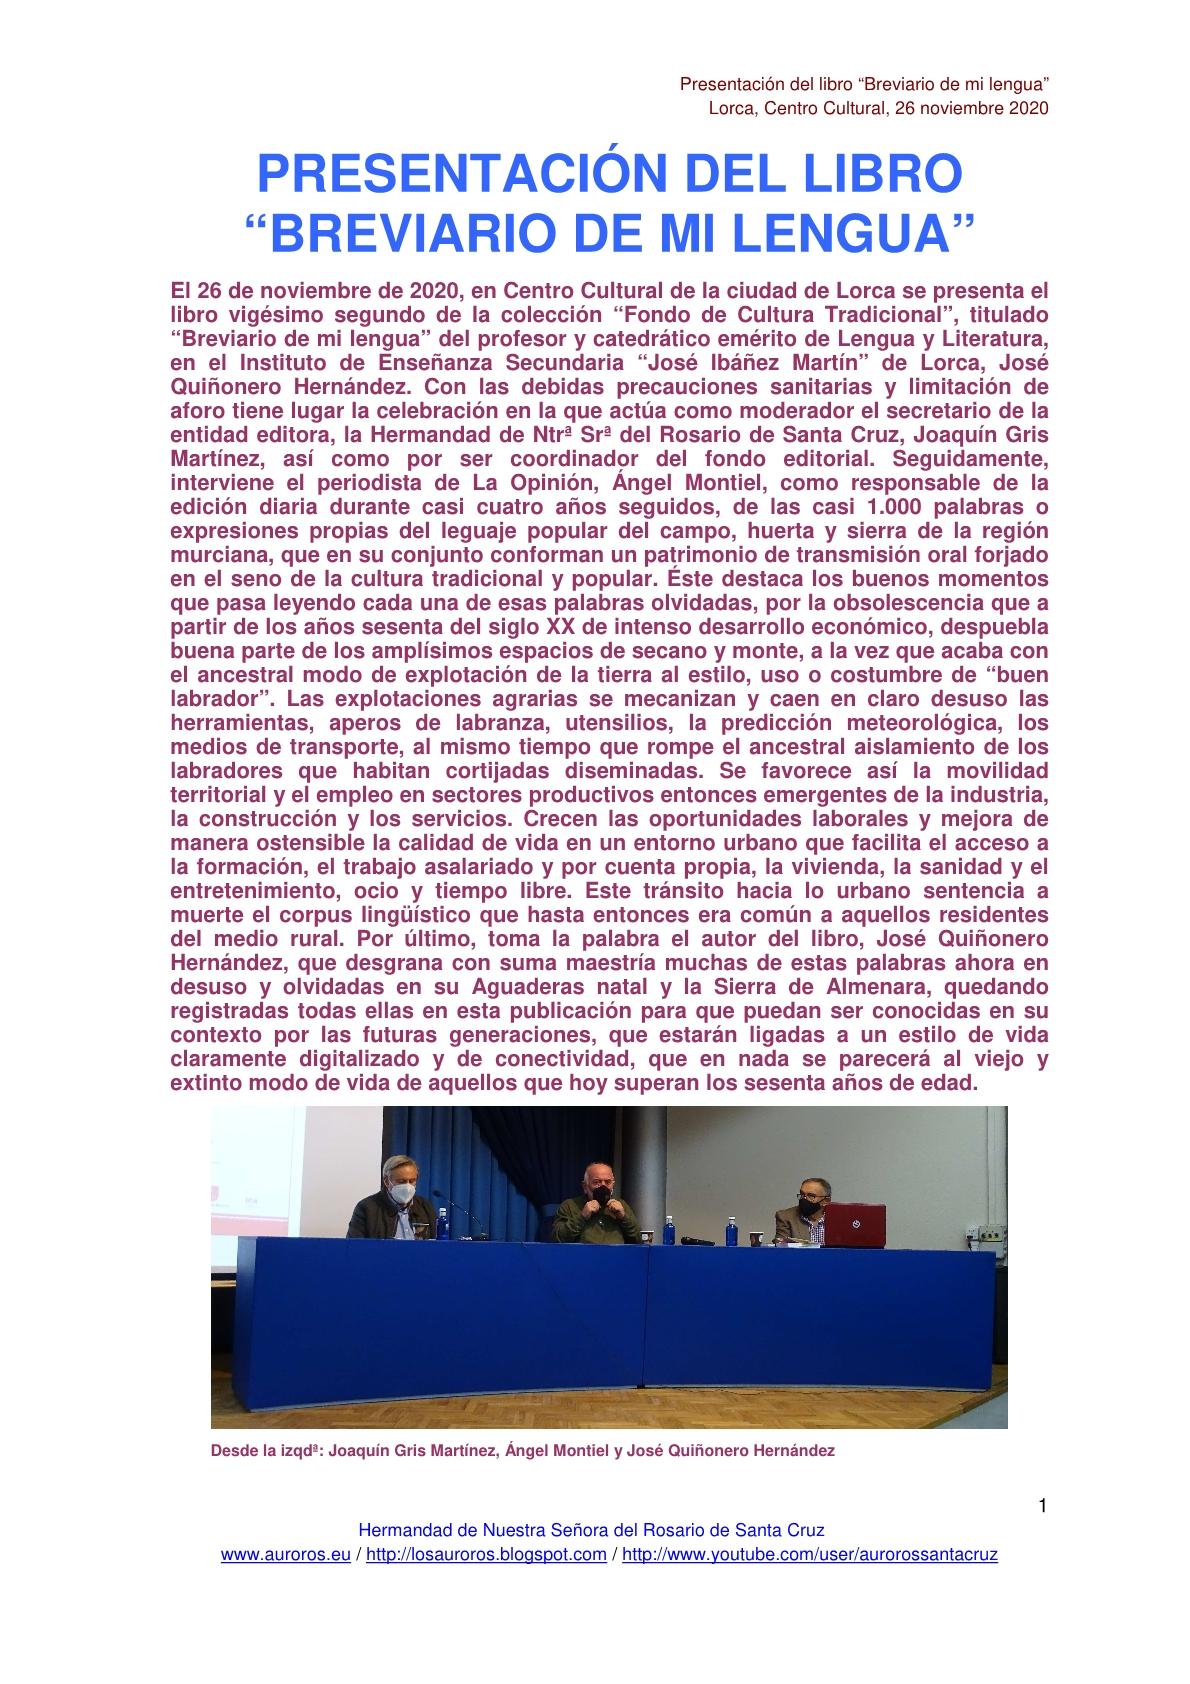 """CRÓNICA DE LA PRESENTACIÓN DEL LIBRO """"BREVIARIO DE MI LENGUA"""" DE JOSÉ QUIÑONERO HERNÁNDEZ"""